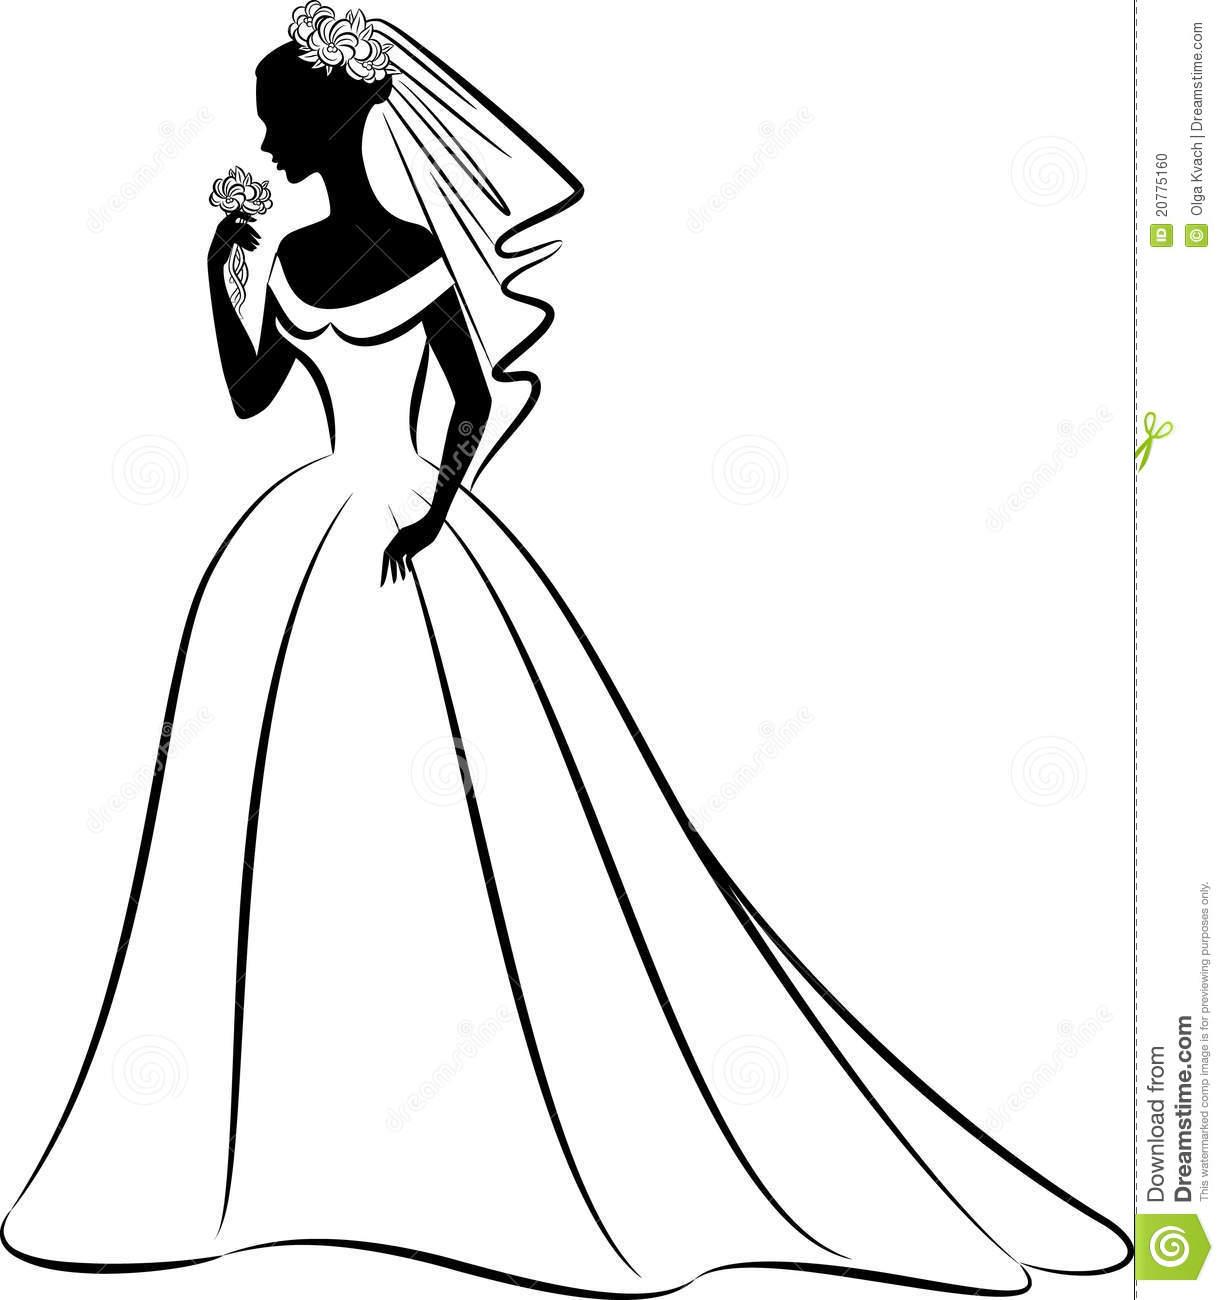 Bride Clip Art u0026 Bride Clip Art Clip-Bride Clip Art u0026 Bride Clip Art Clip Art Images - ClipartALL clipartall.com-1